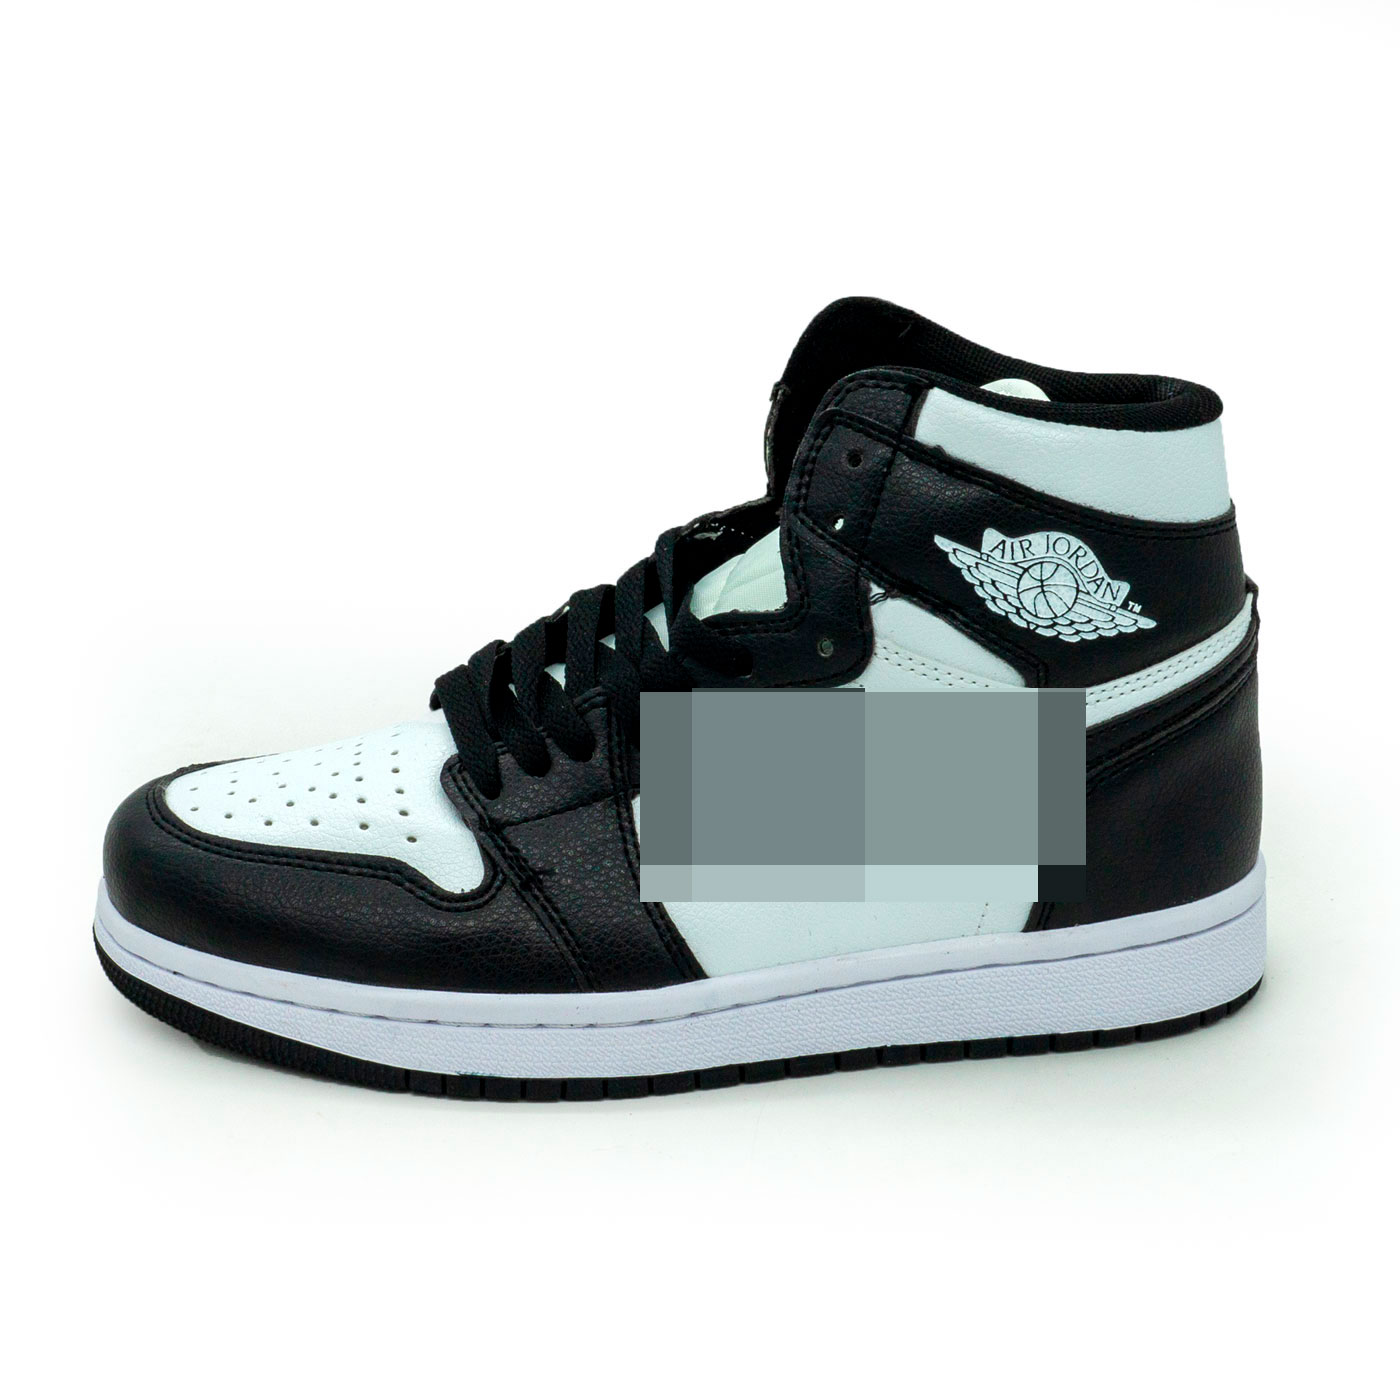 фото main Высокие черно белые кроссовки Nke Air Jordan 1 main